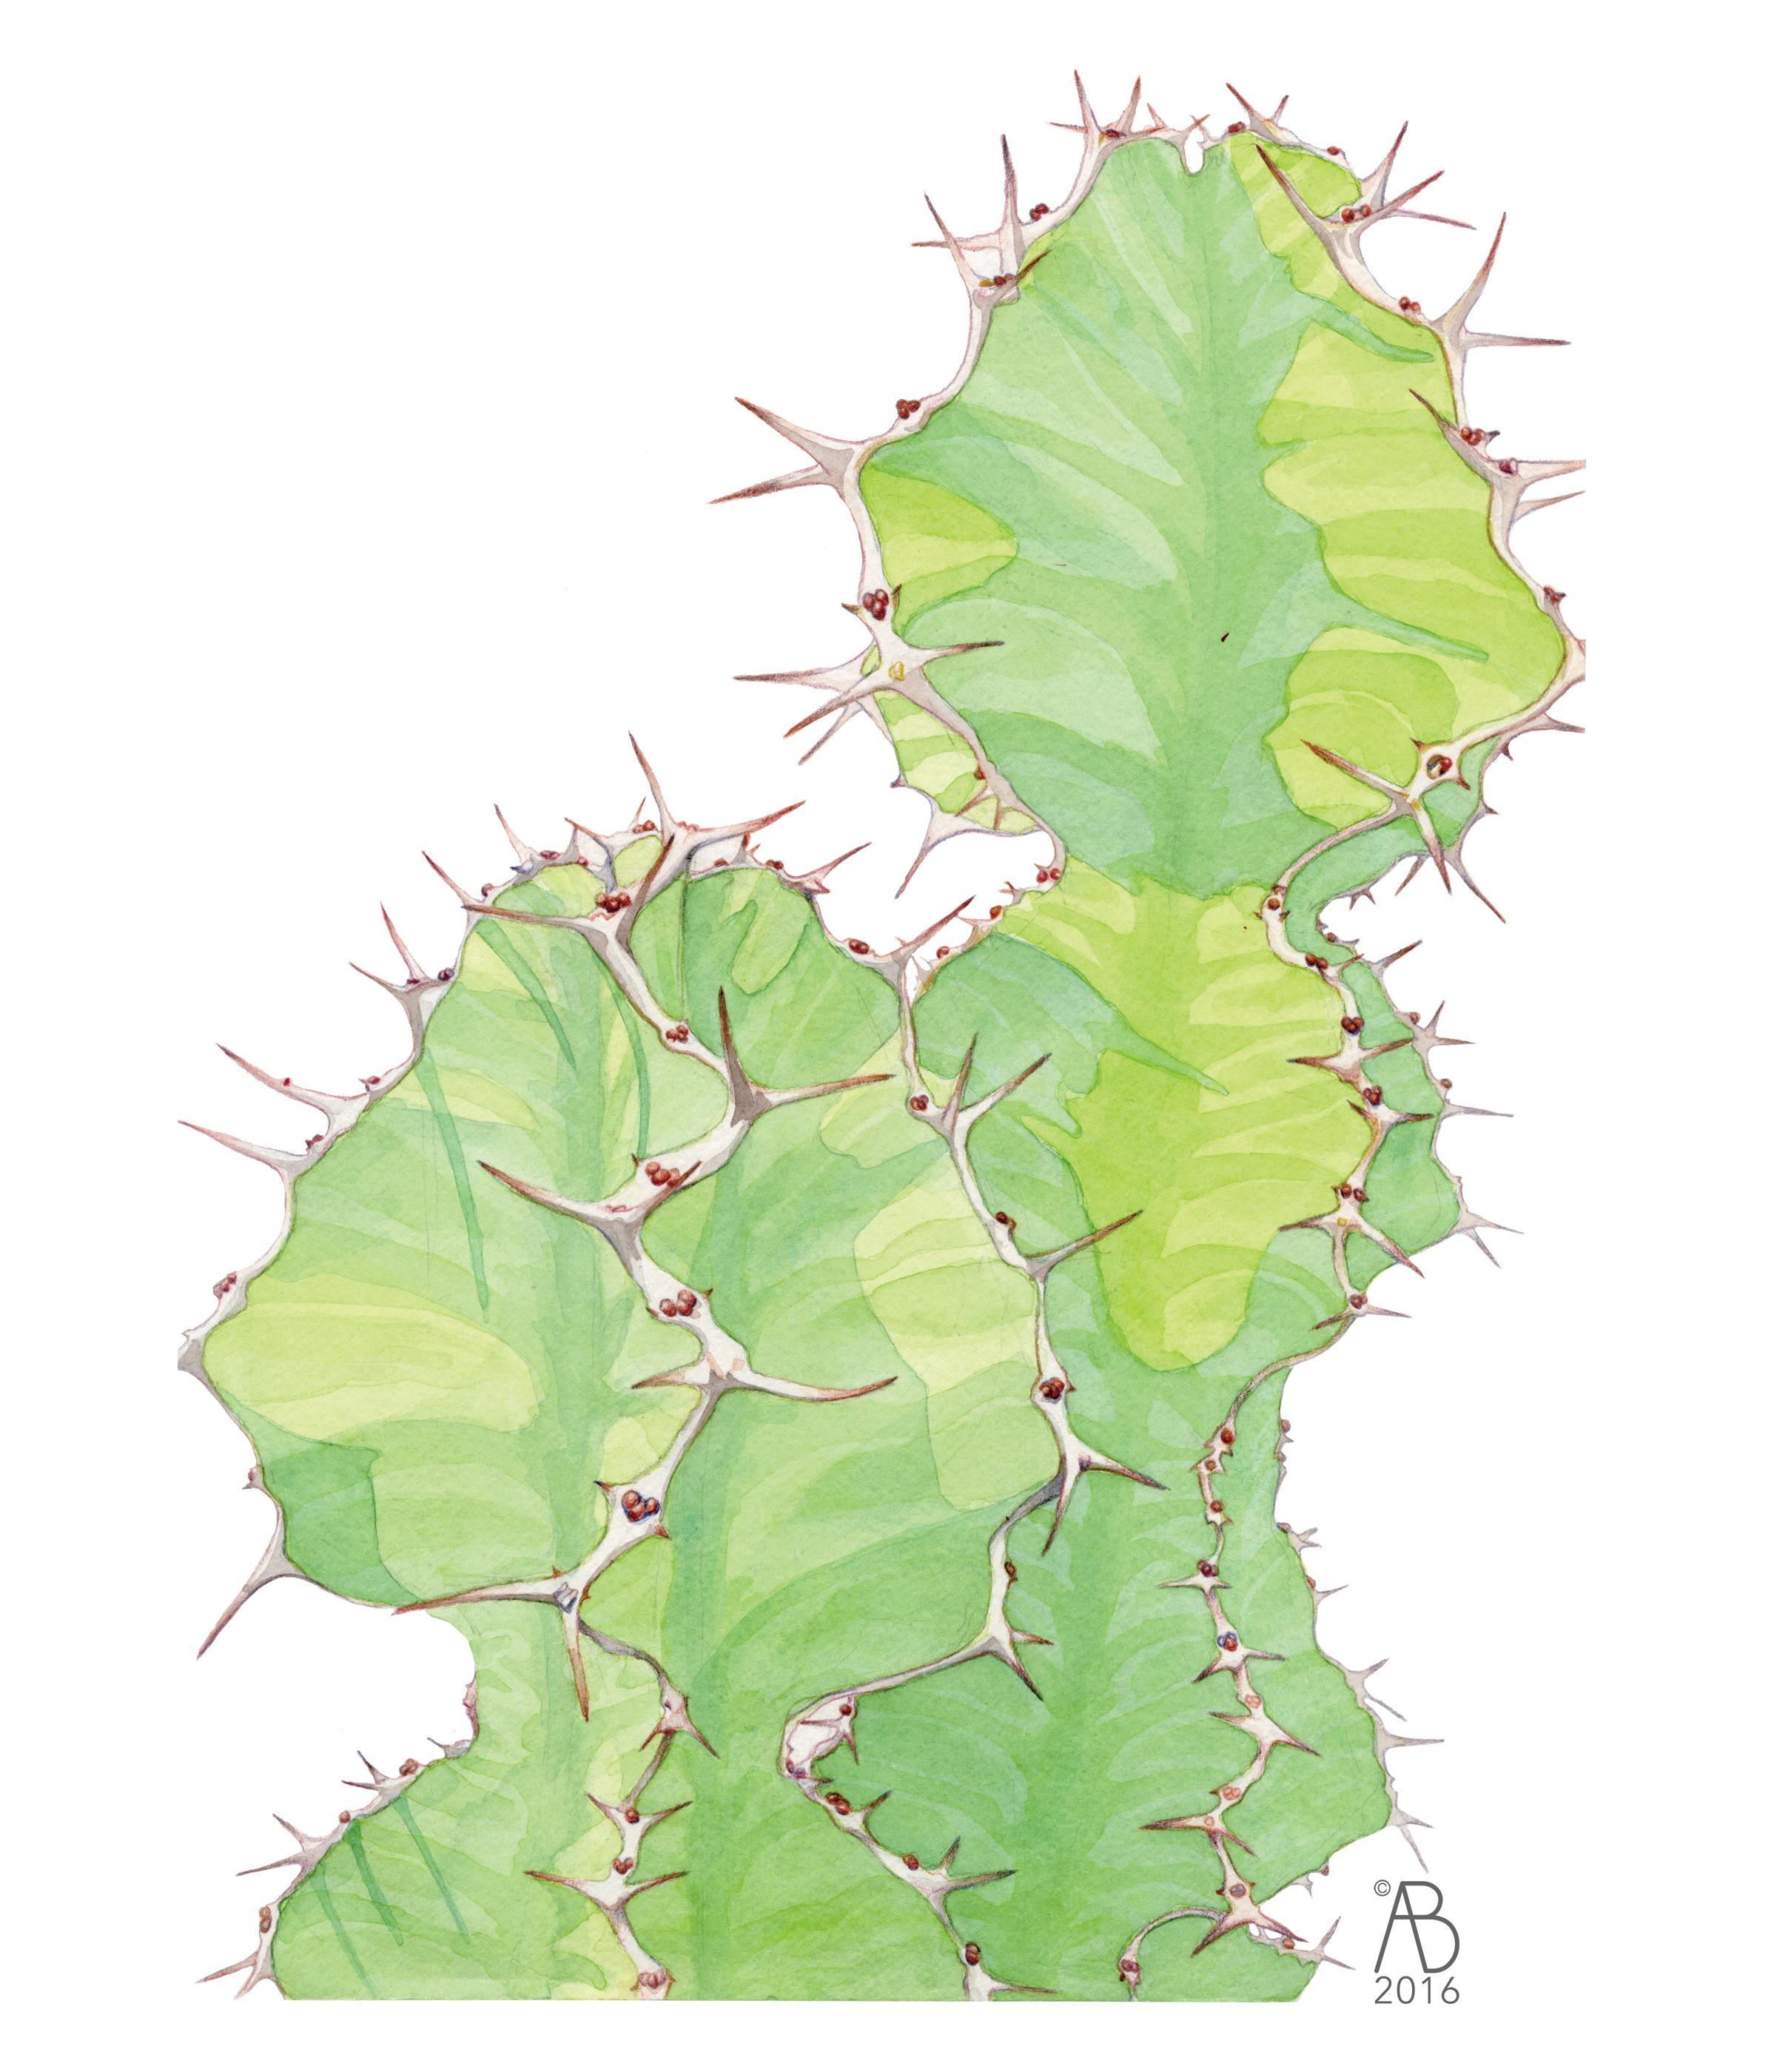 Zig-zag cactus